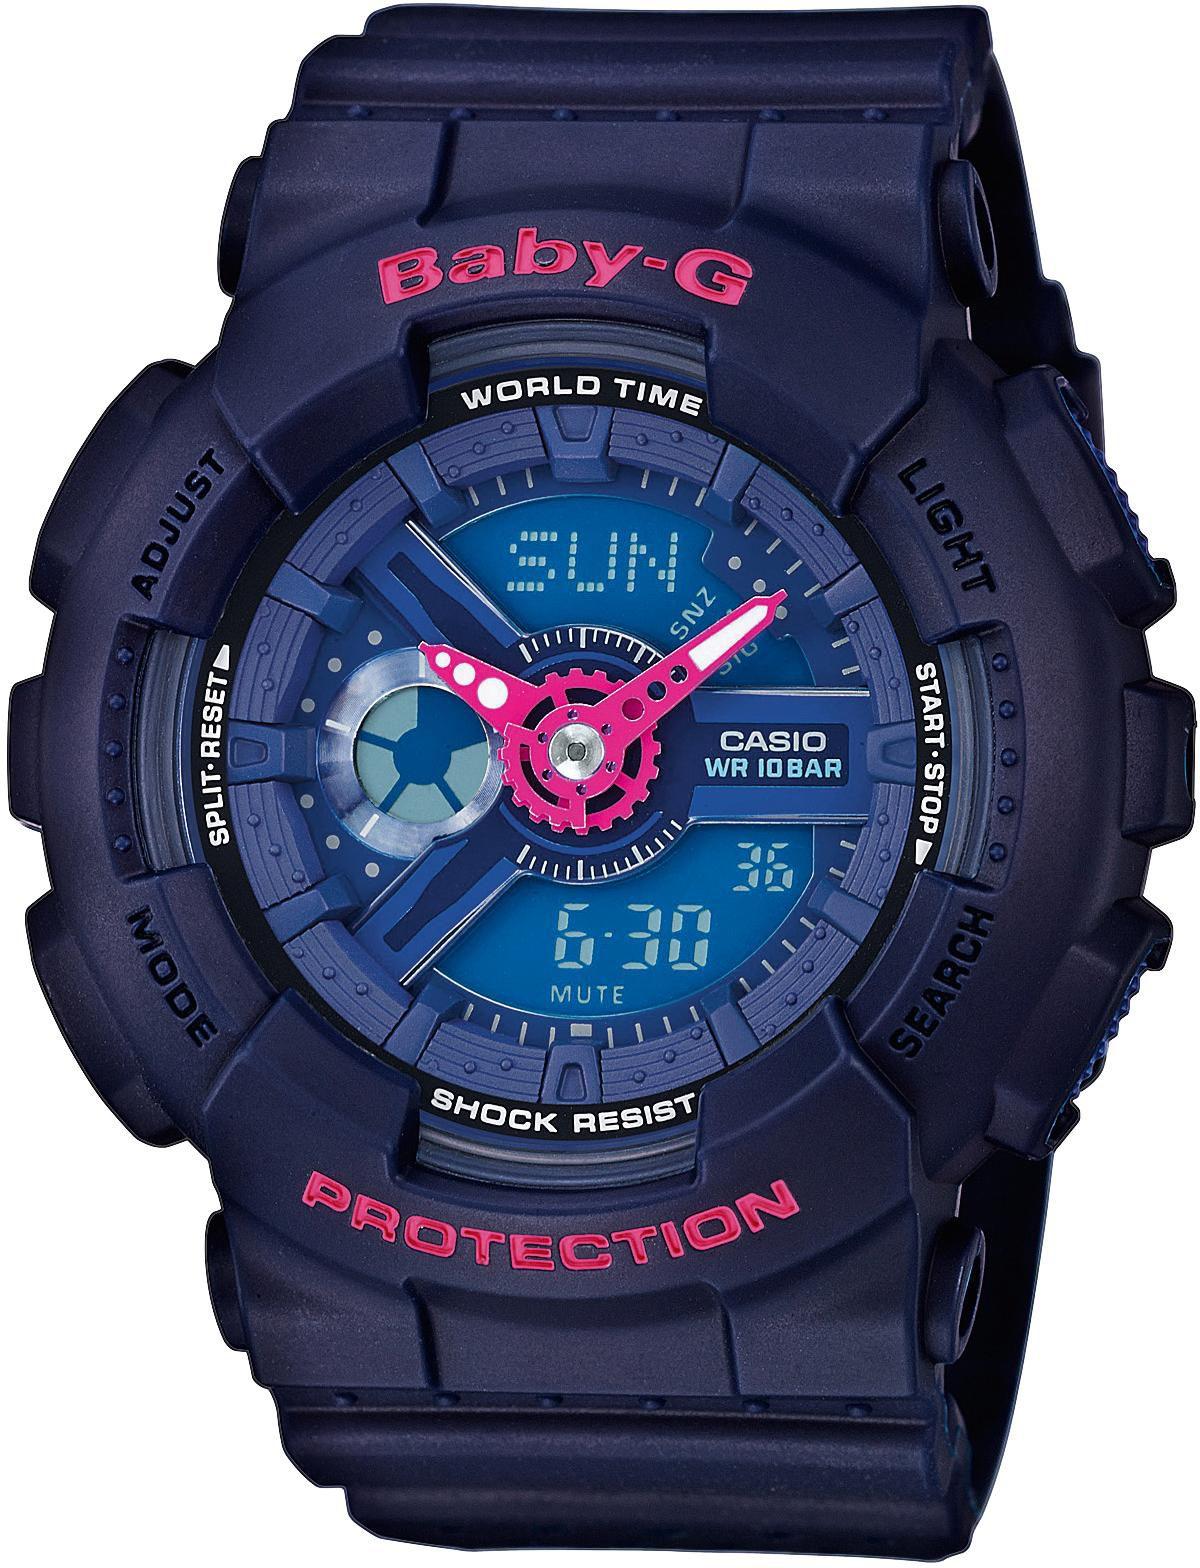 CASIO BABY G Baby-G Damenuhr Dunkelblau Casio blau